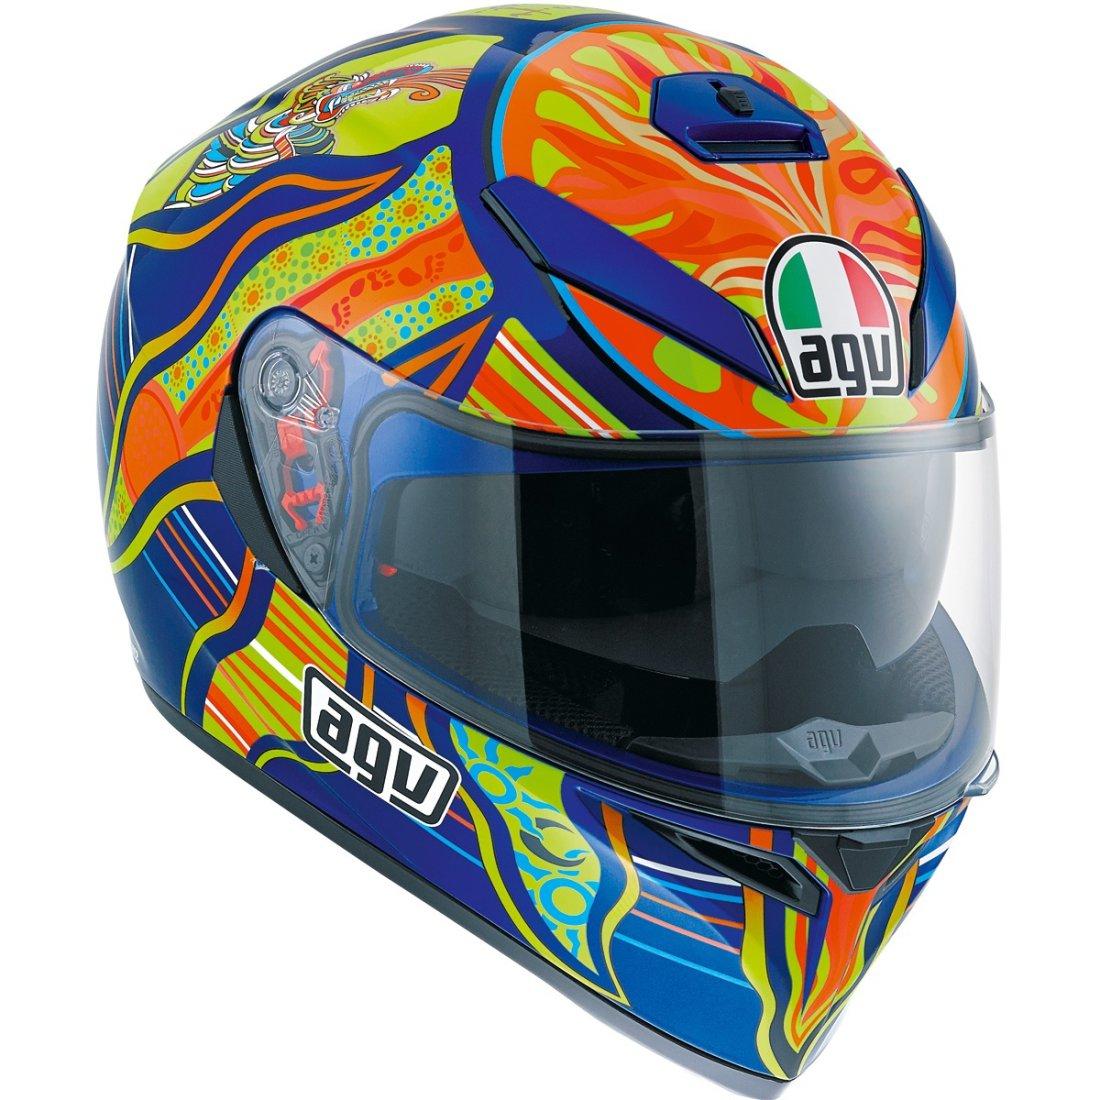 165 Cascos para moto de carretera AGV · Motocard 98c351bb10389